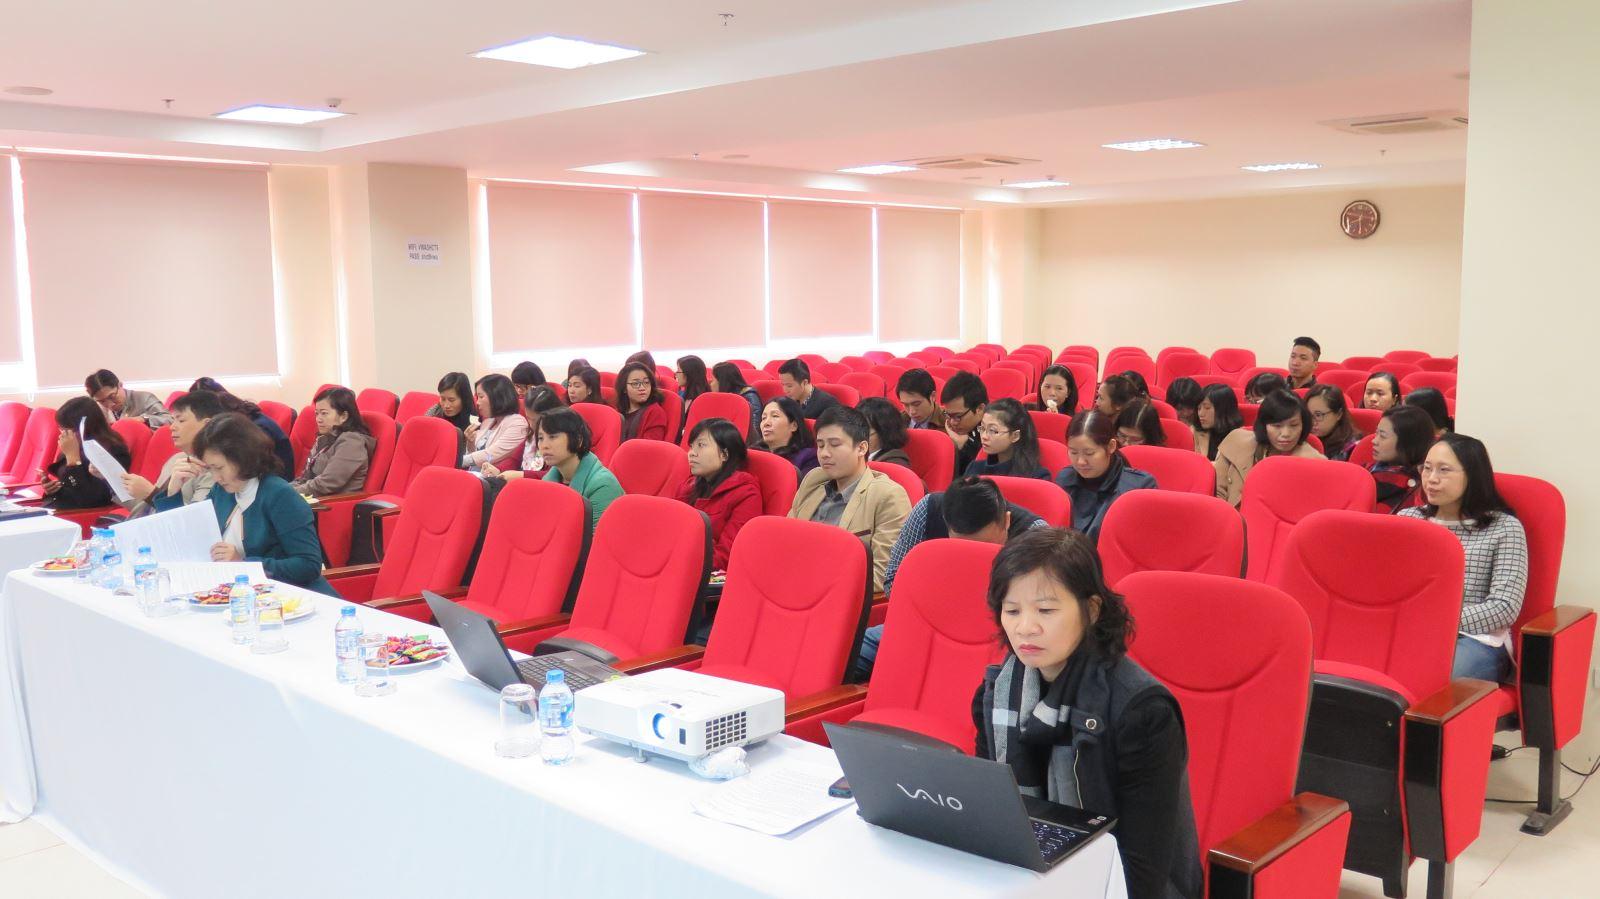 """Học viện Phụ nữ Việt Nam tổ chức hội thảo quốc tế """"Giới trong phát triển kinh tế bền vững"""""""